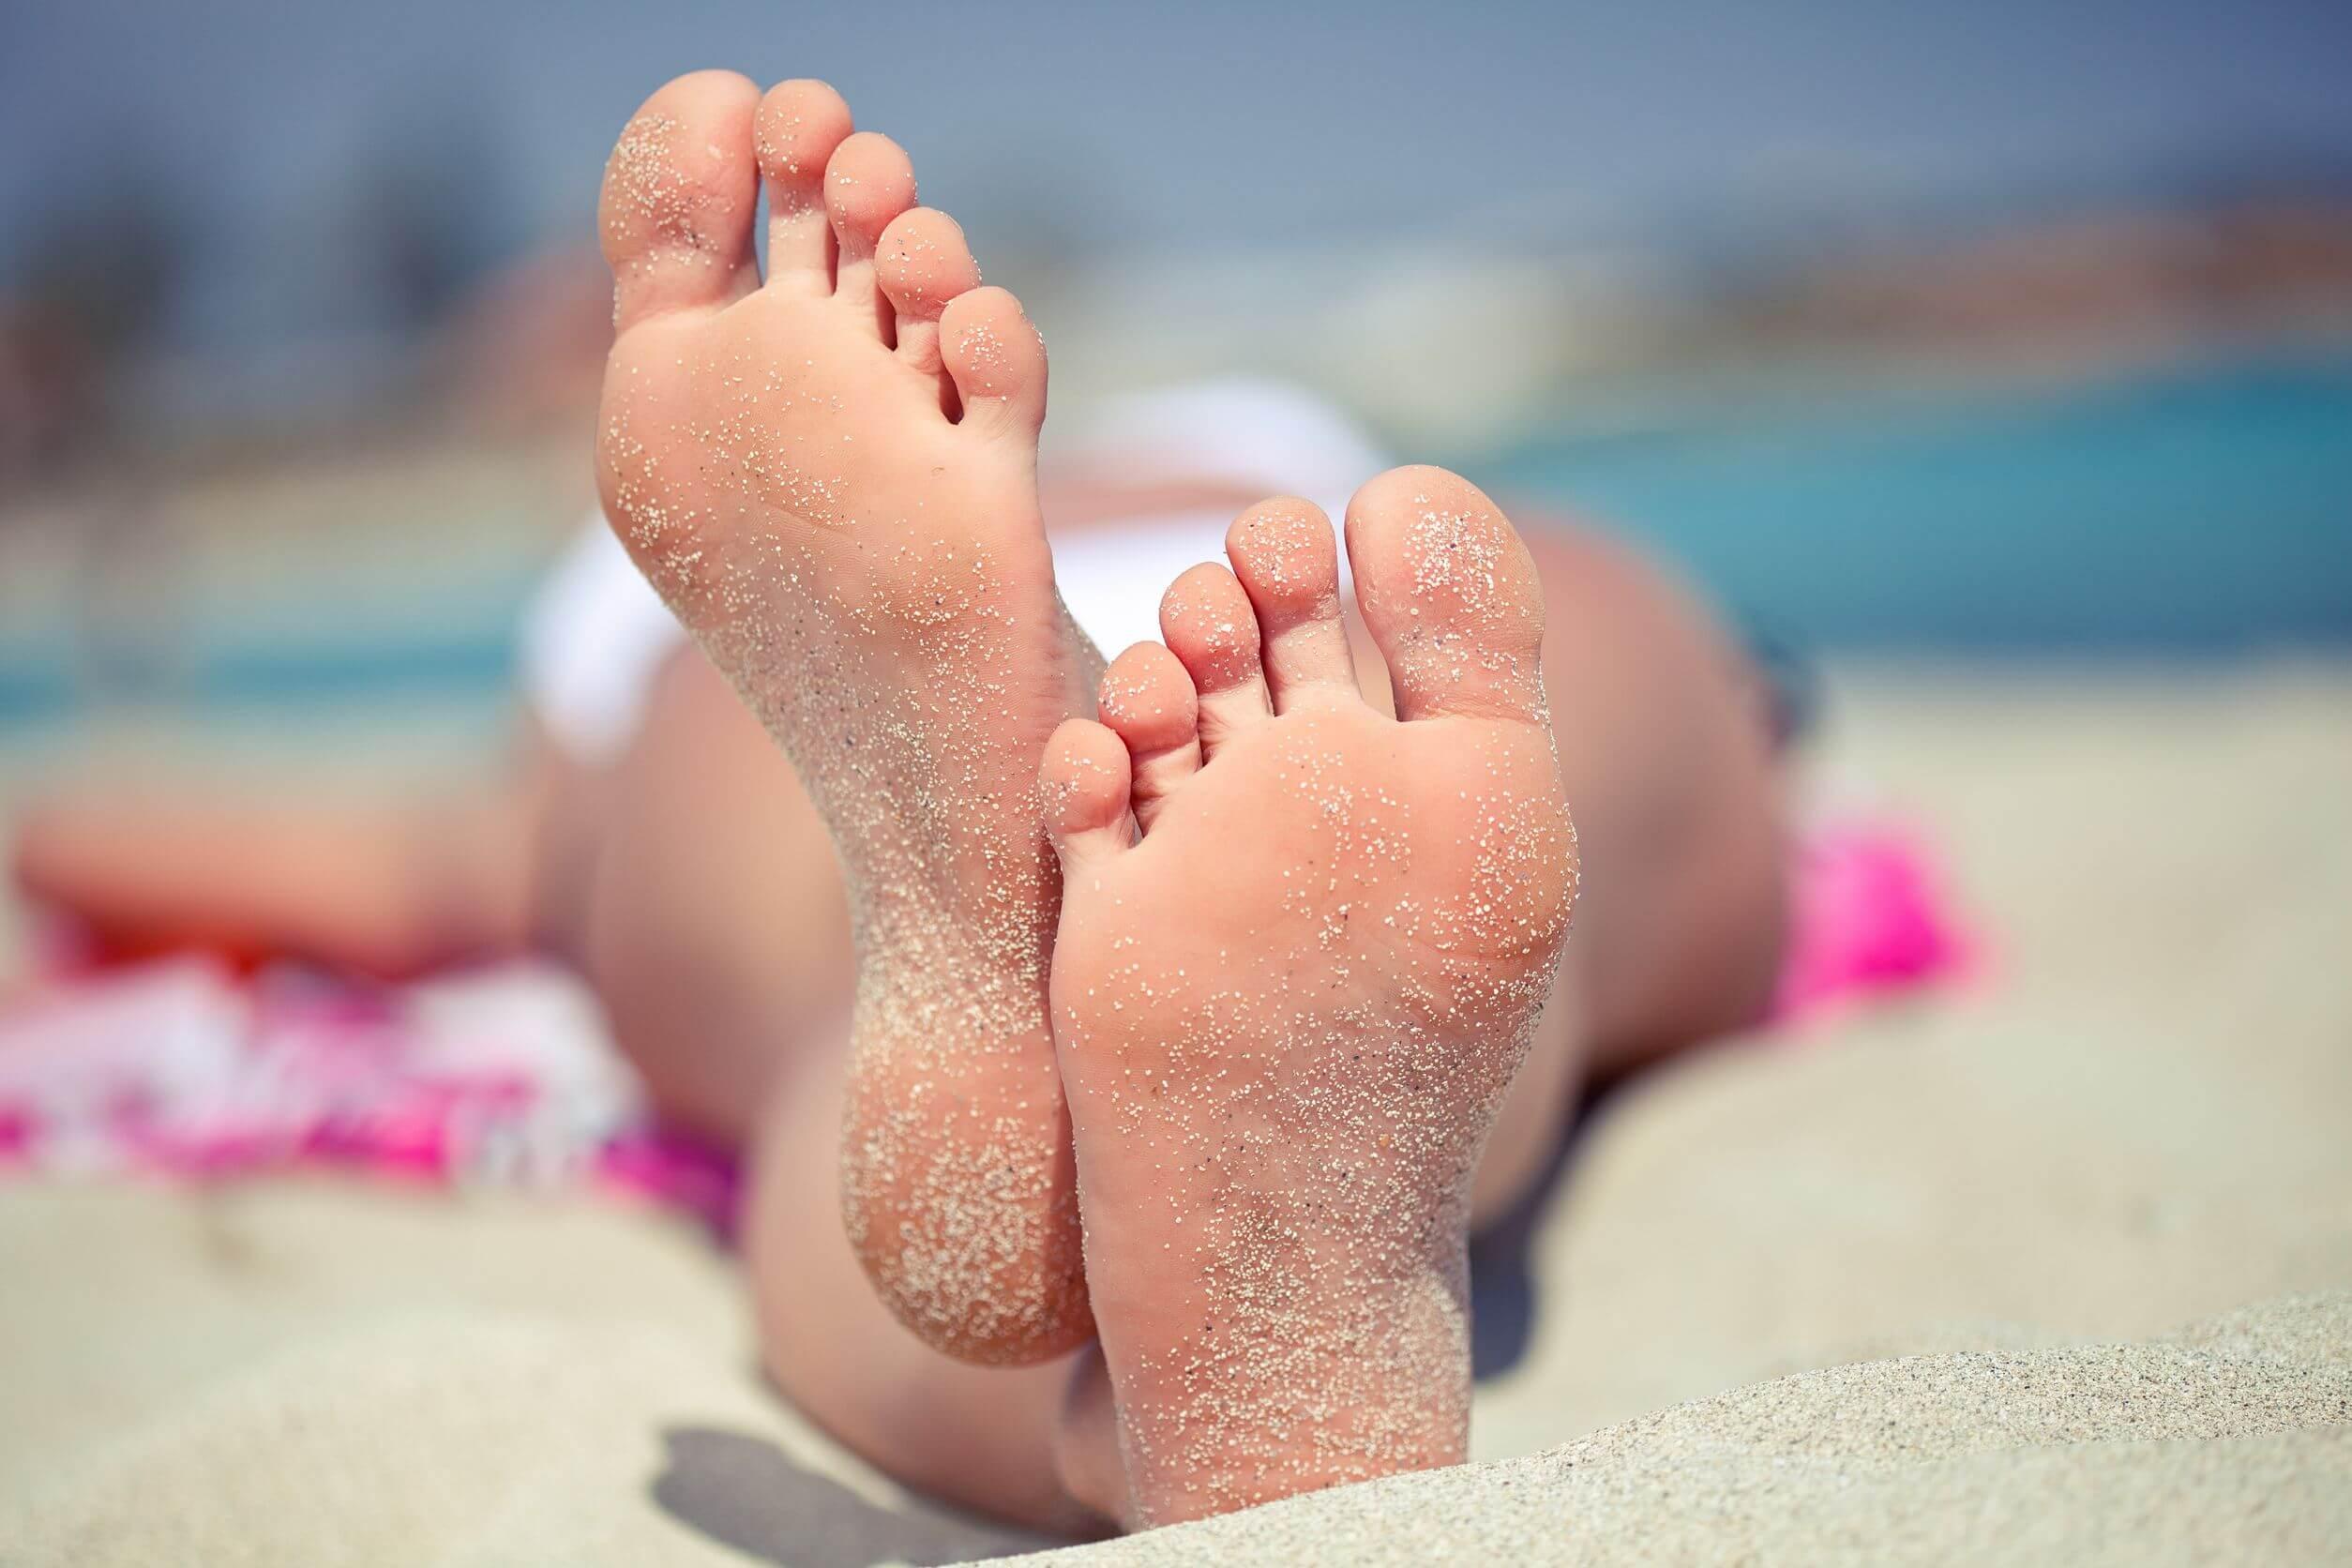 8 dicas para cuidar dos seus pés neste verão caso tenha diabetes - podologia braga